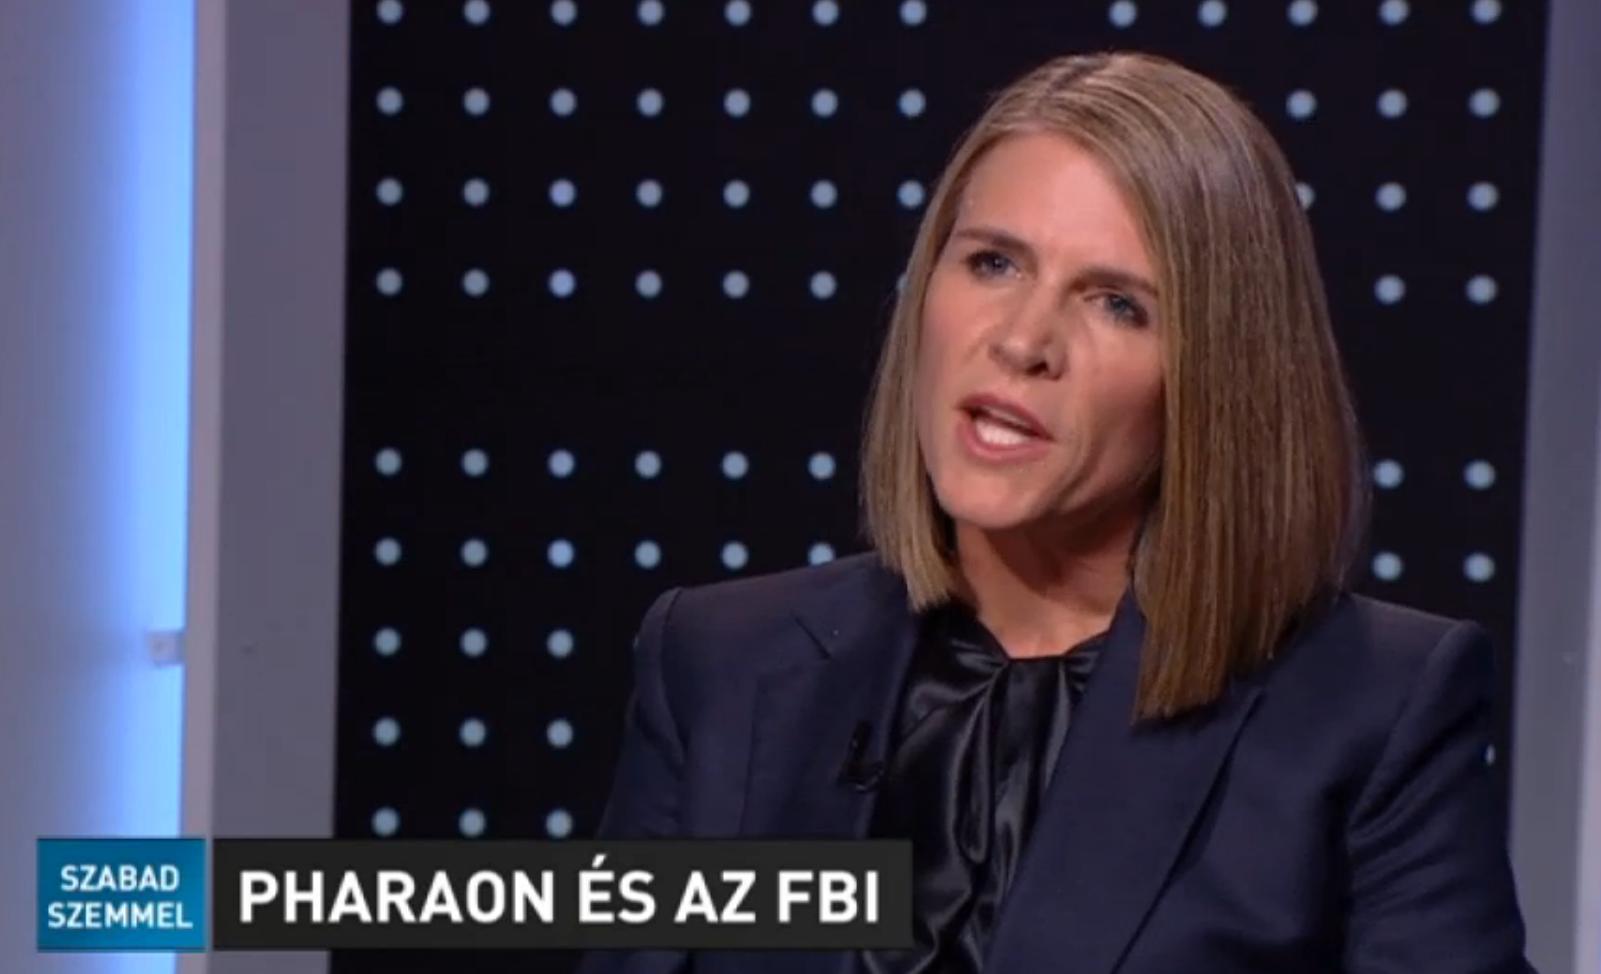 Bell: Pharaon egy körözött bűnöző, és ezt elmondták a magyaroknak